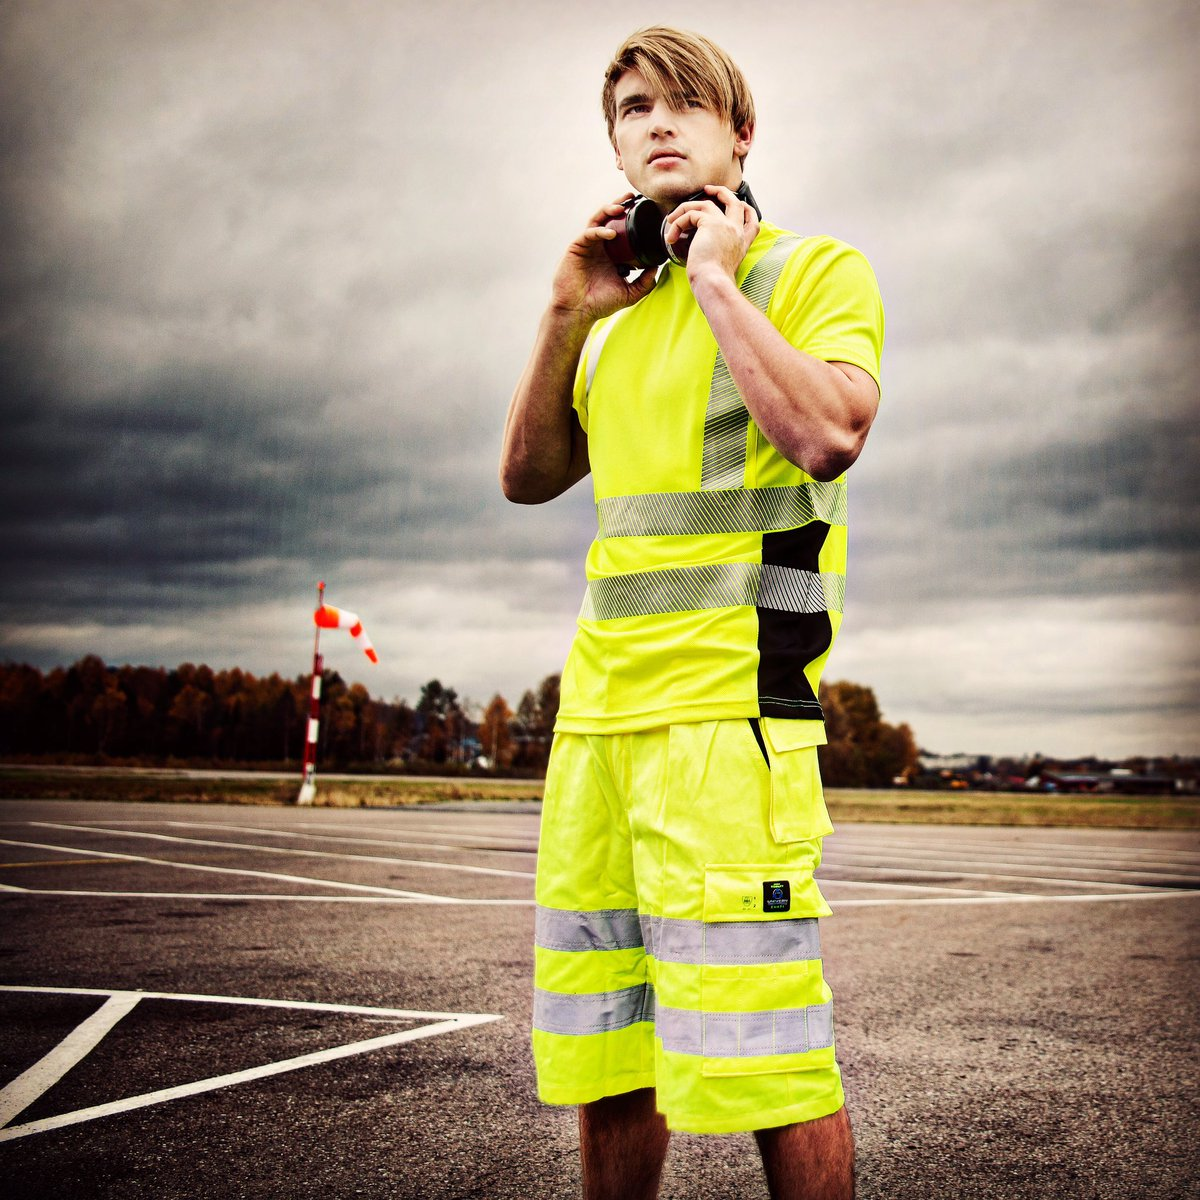 72cc49de På tide med shorts og t-skjorte på jobb? Vi har stort utvalg av lettere # arbeidsklær ! #univernpic.twitter.com/eDKs1GT6UI